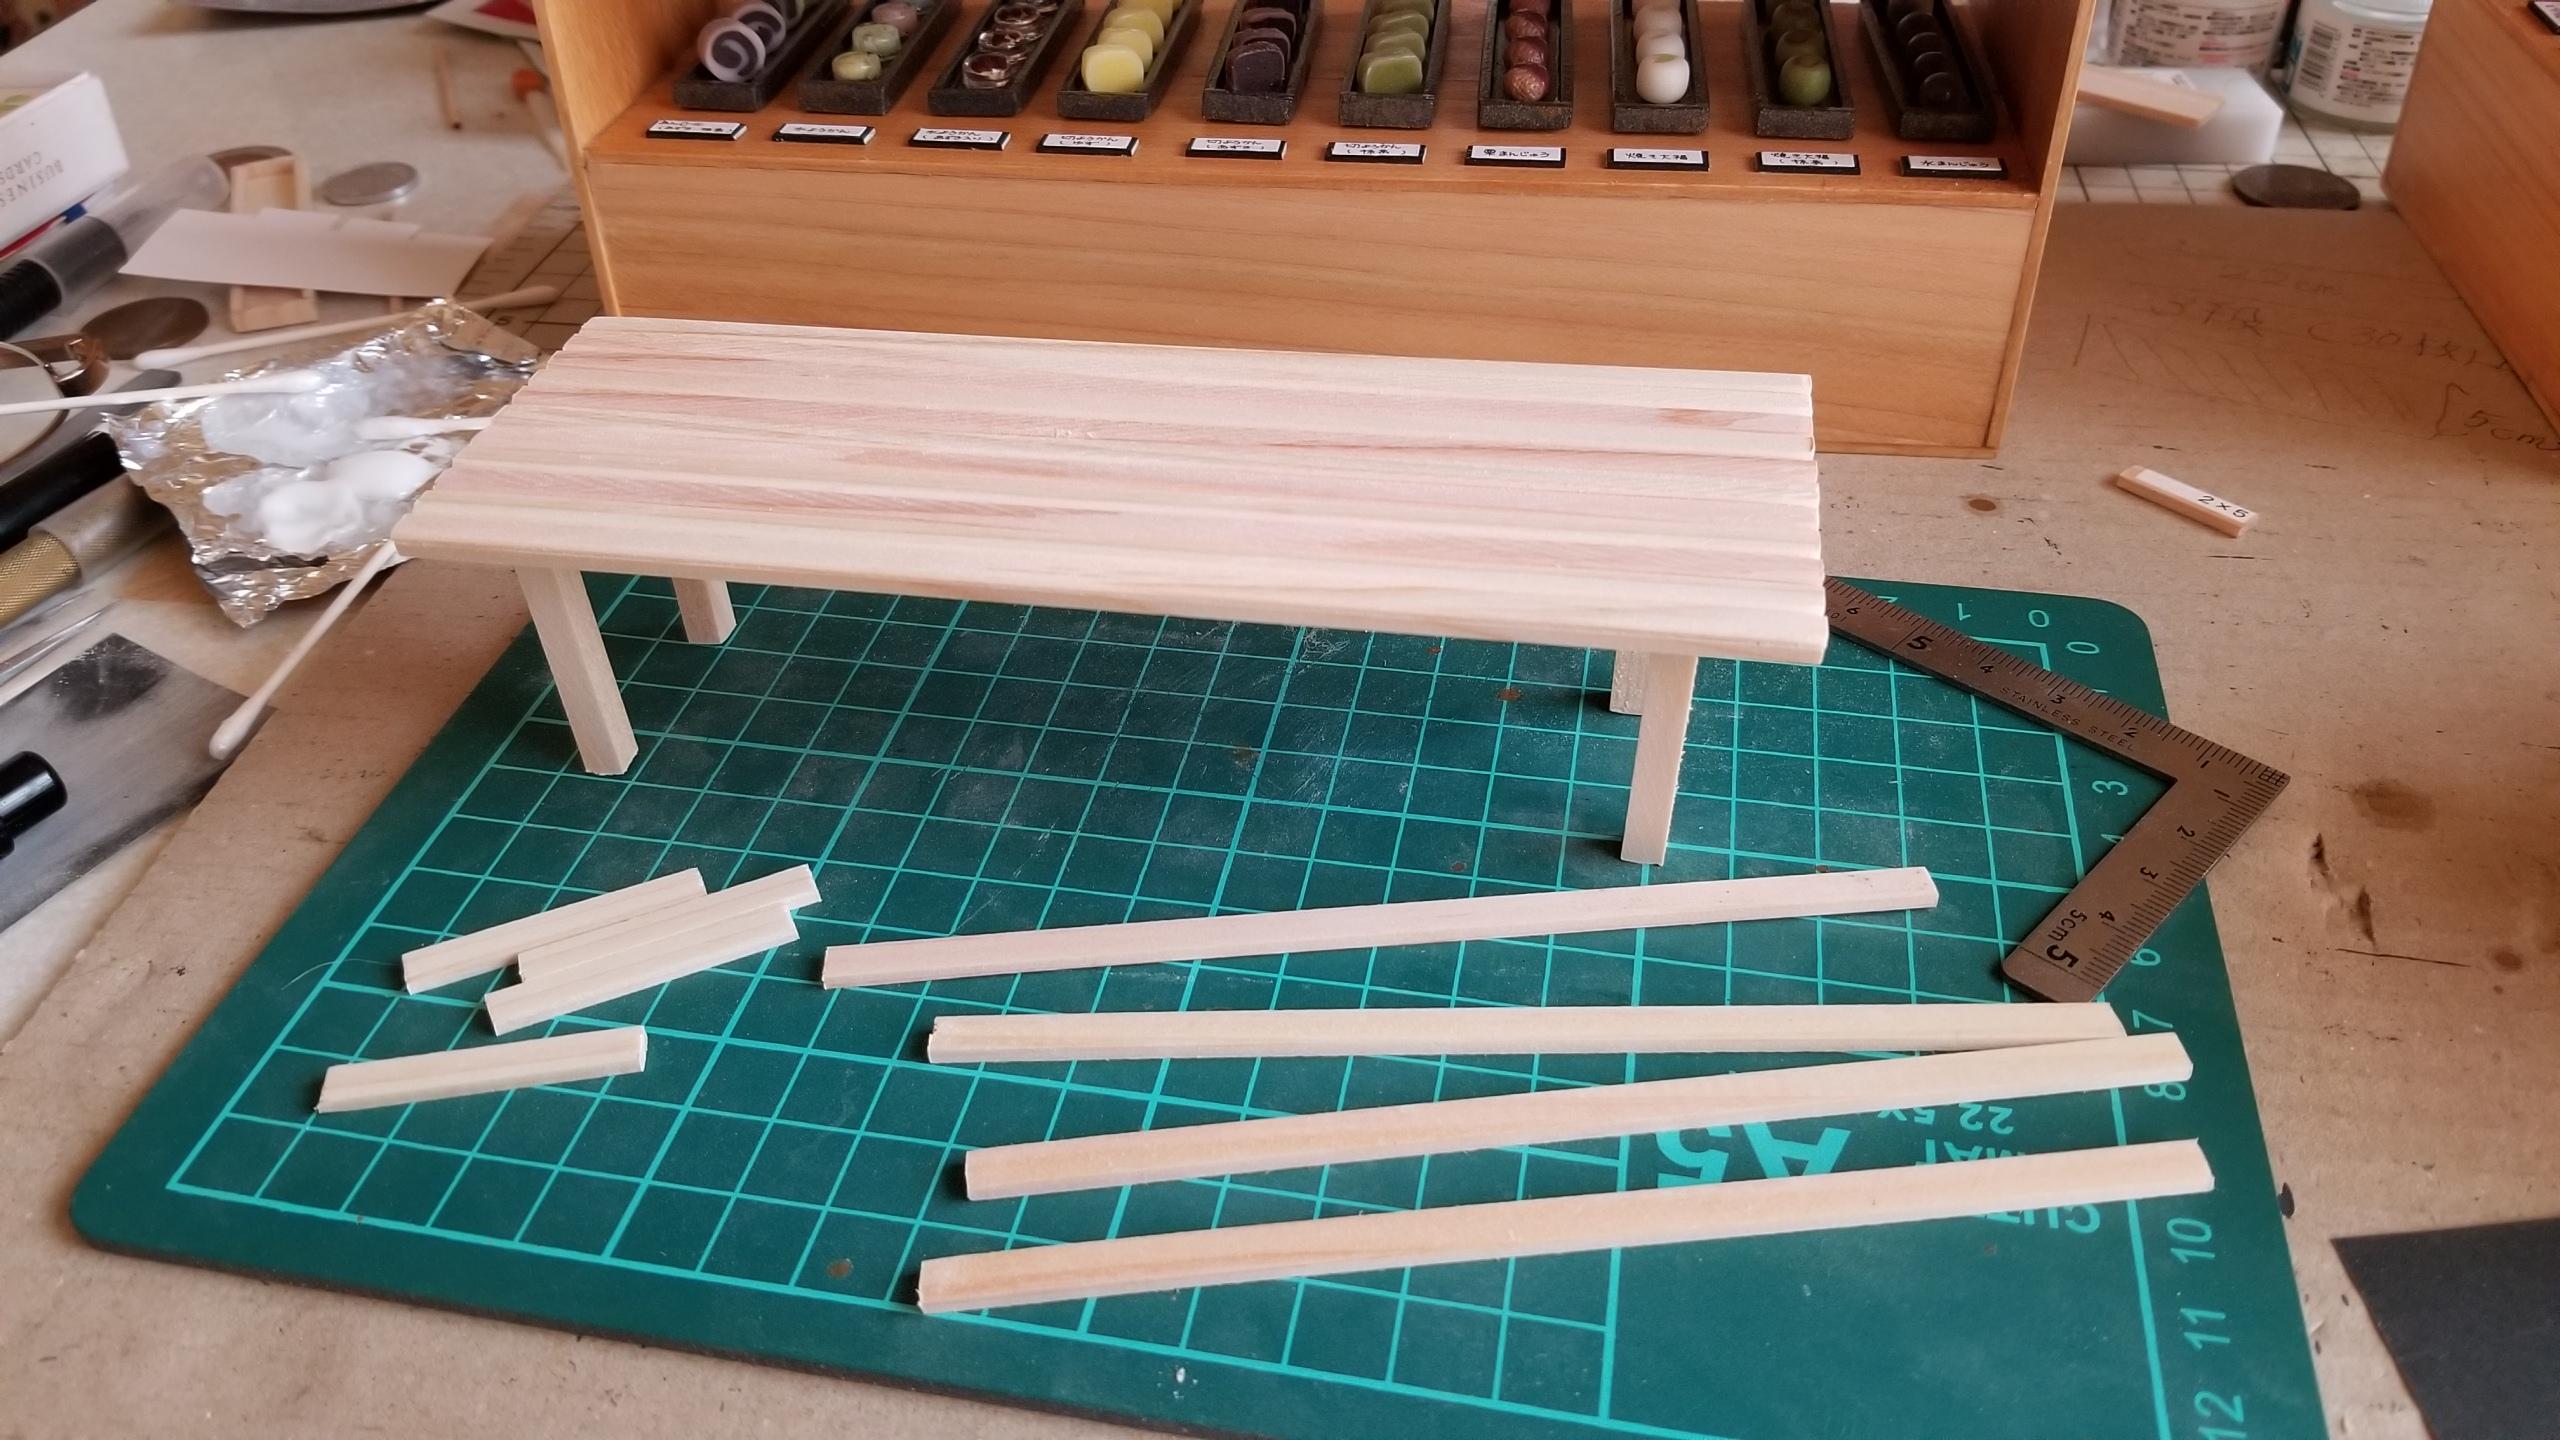 ミニチュアフード,机,長椅子,テーブル,和菓子屋,作り方,DIY,可愛い